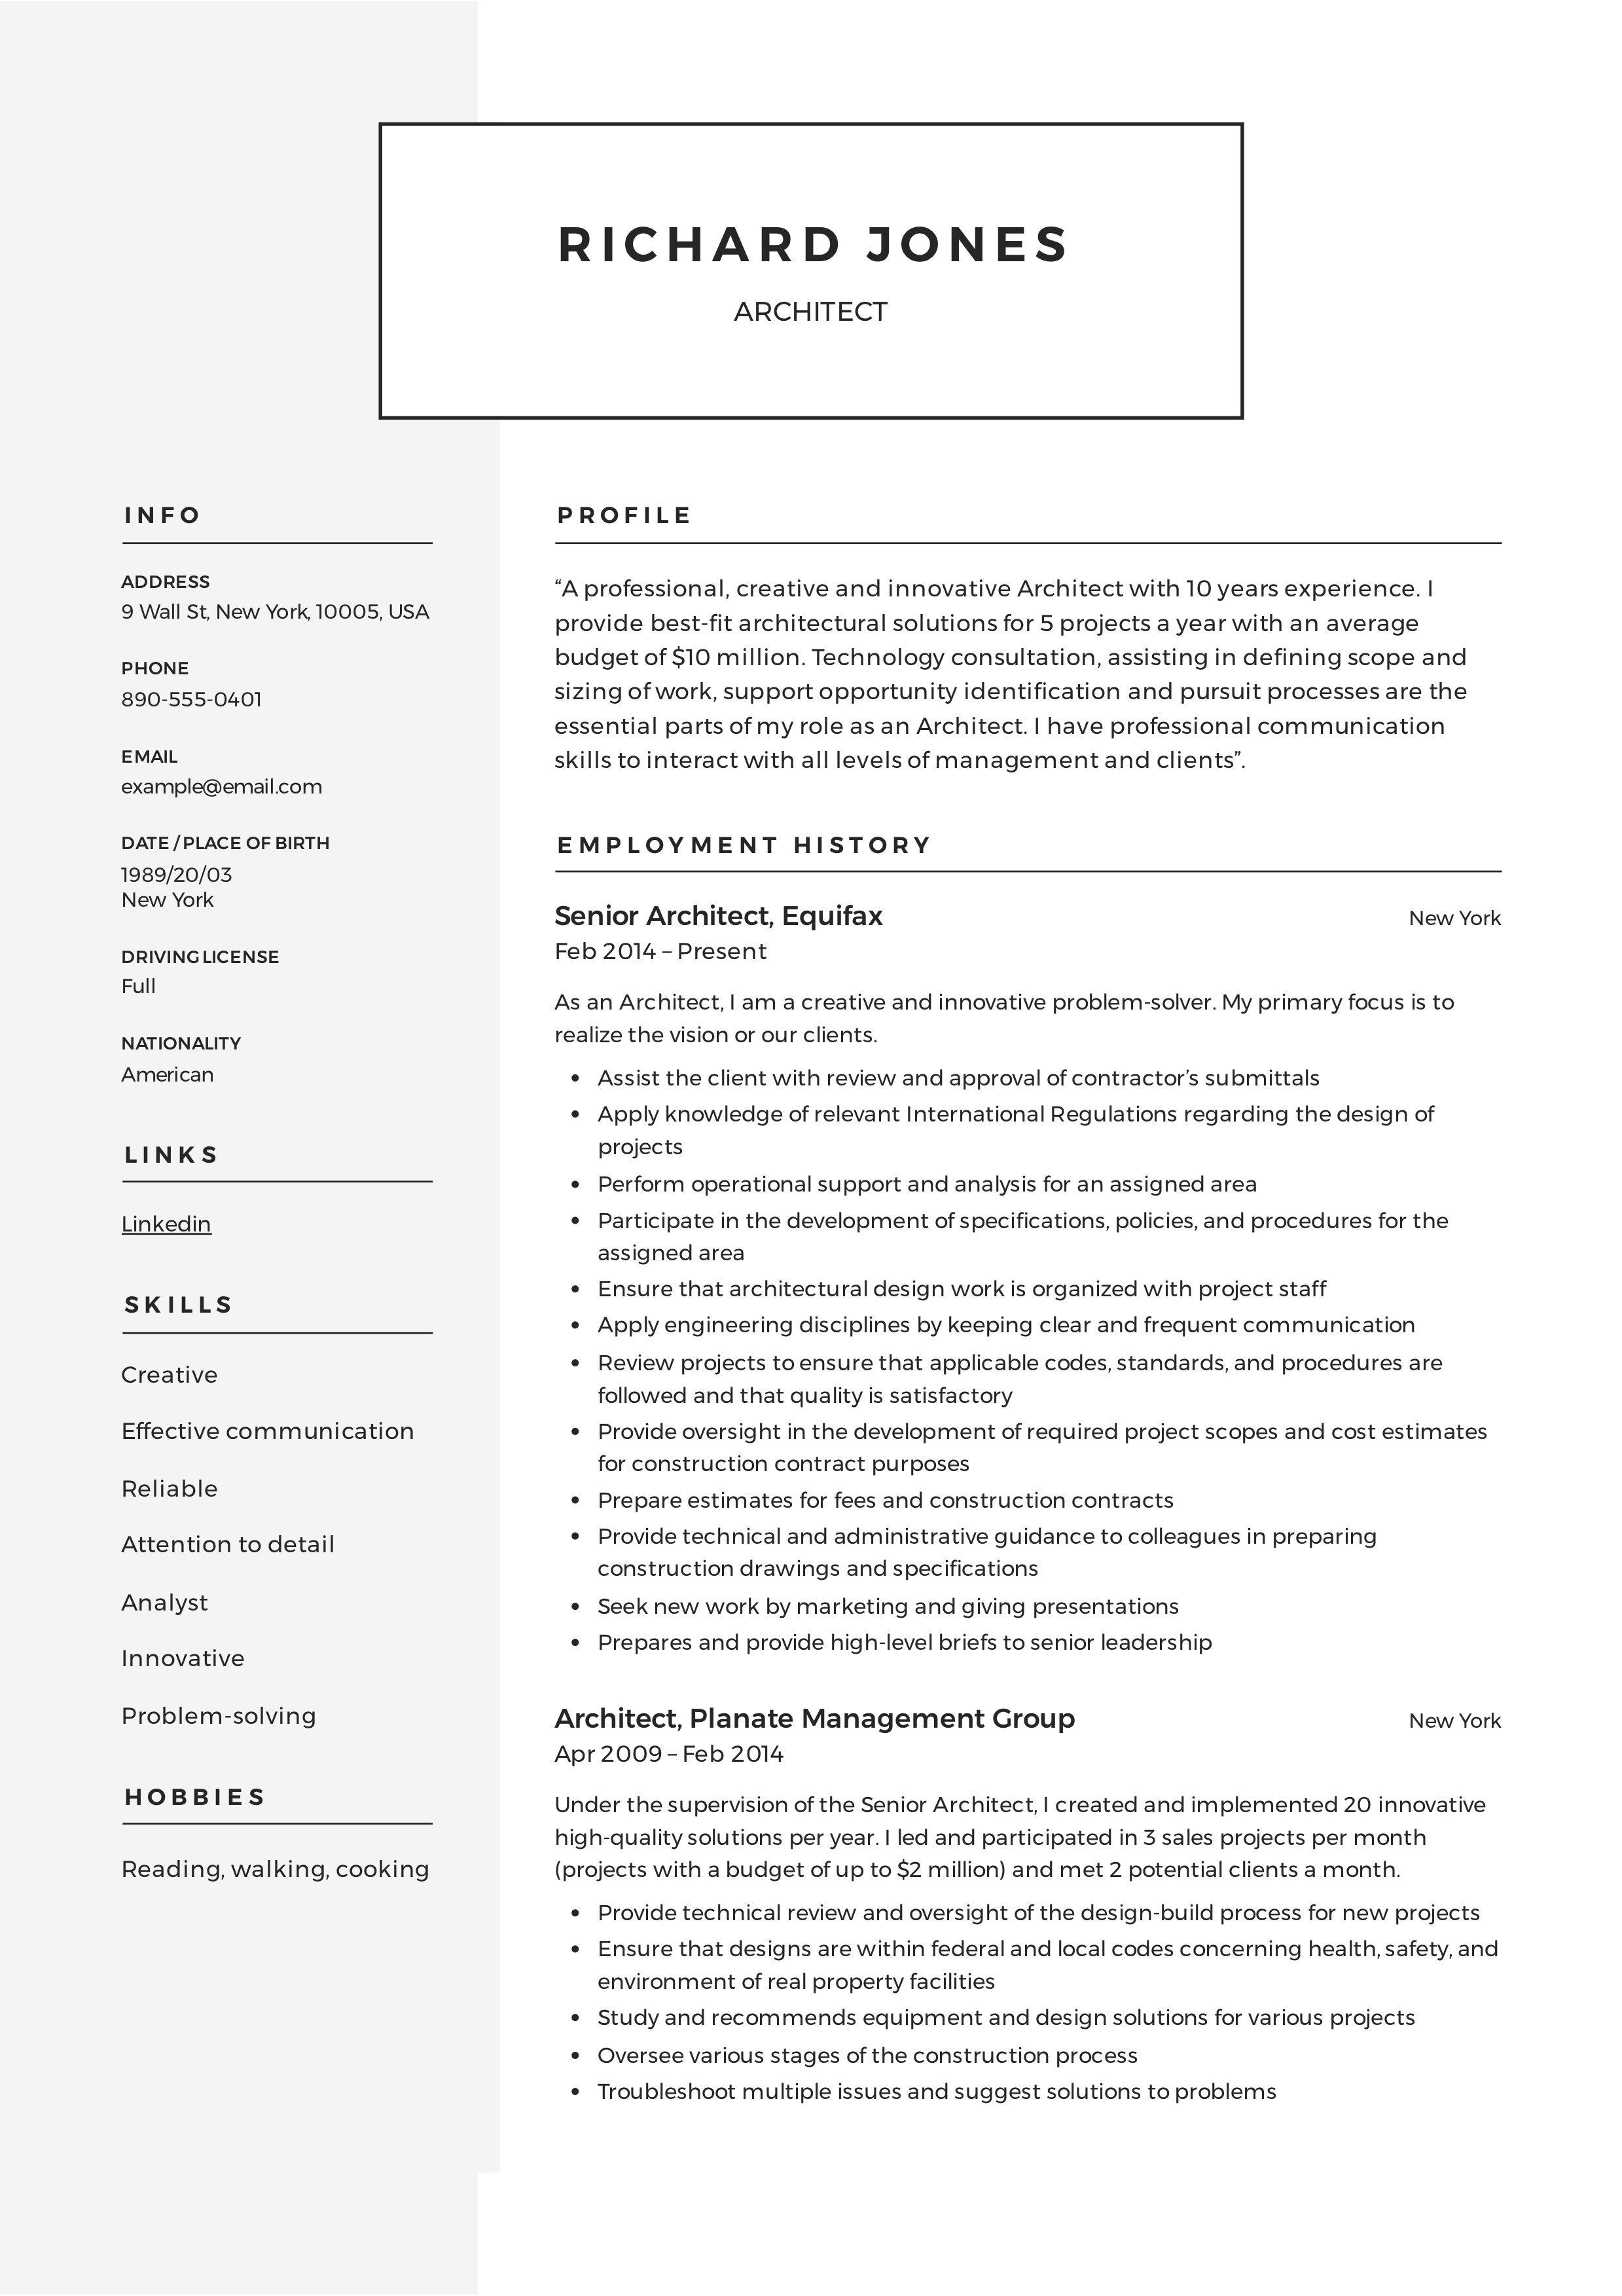 Architect Resume Template Architect Resume Registered Nurse Resume Architecture Resume